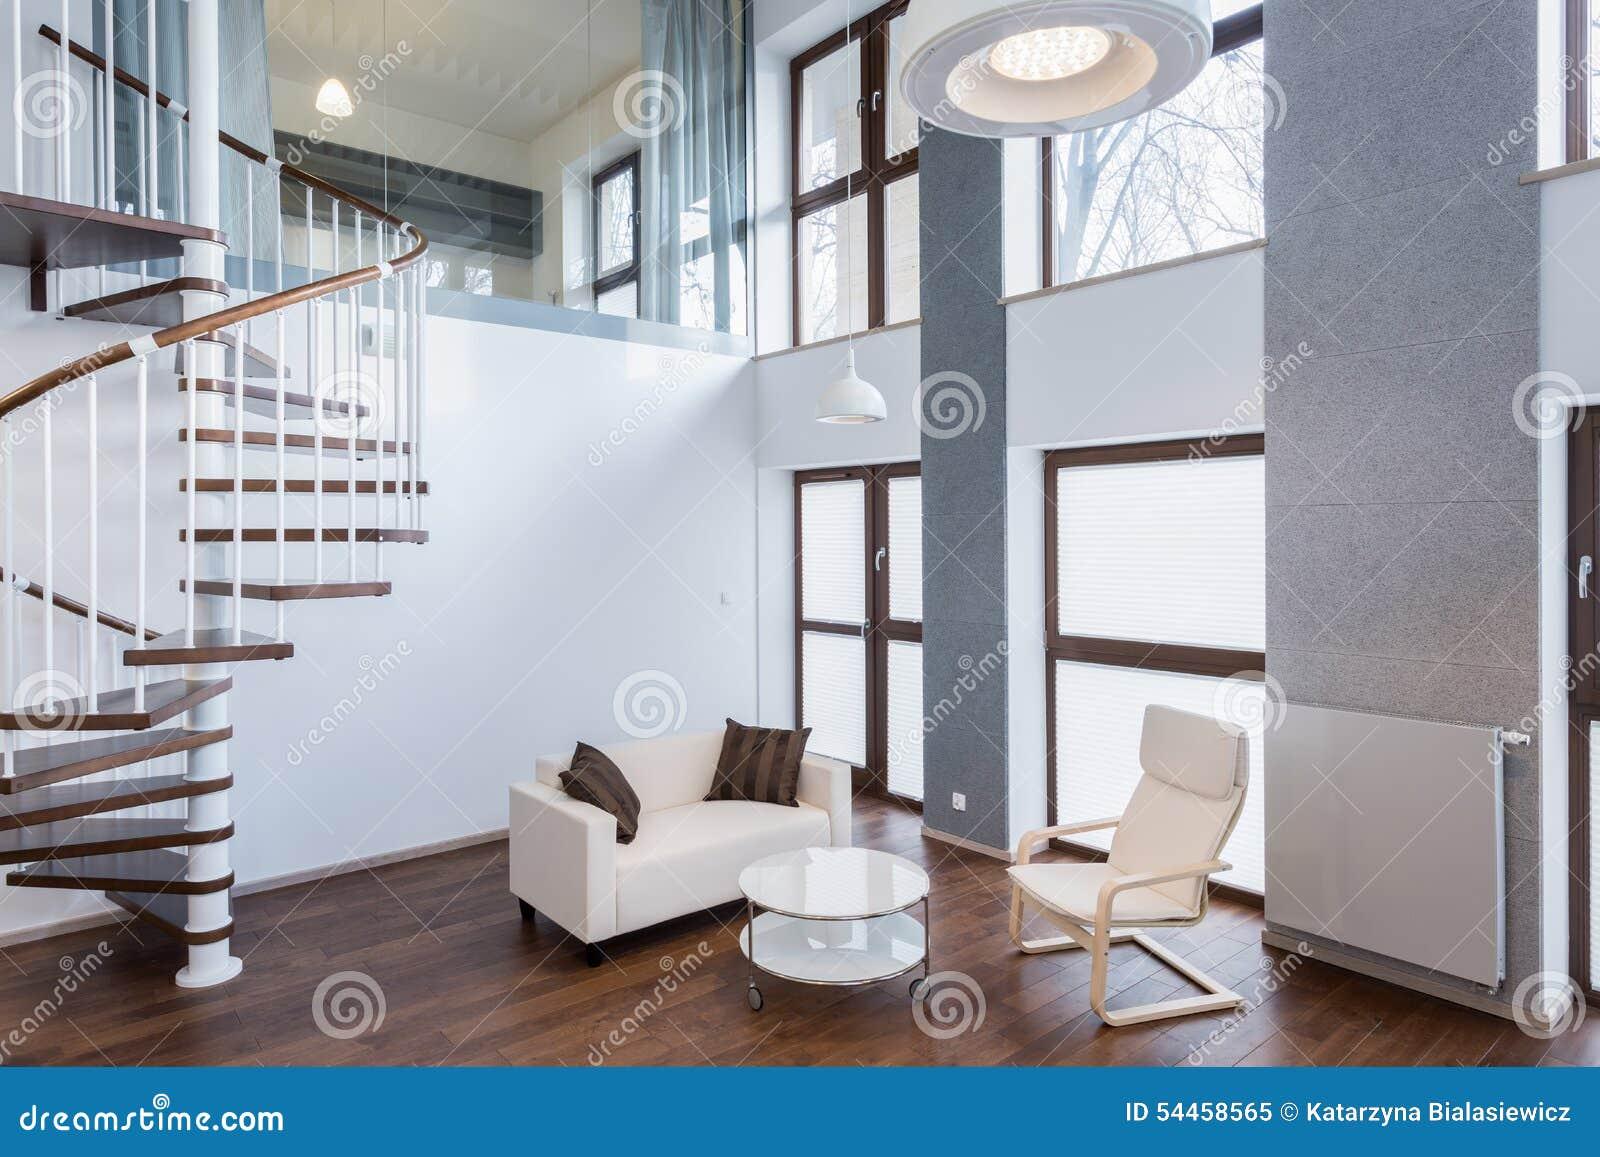 treppe im wohnzimmer in der zeitgenössischen villa stockfoto, Wohnzimmer